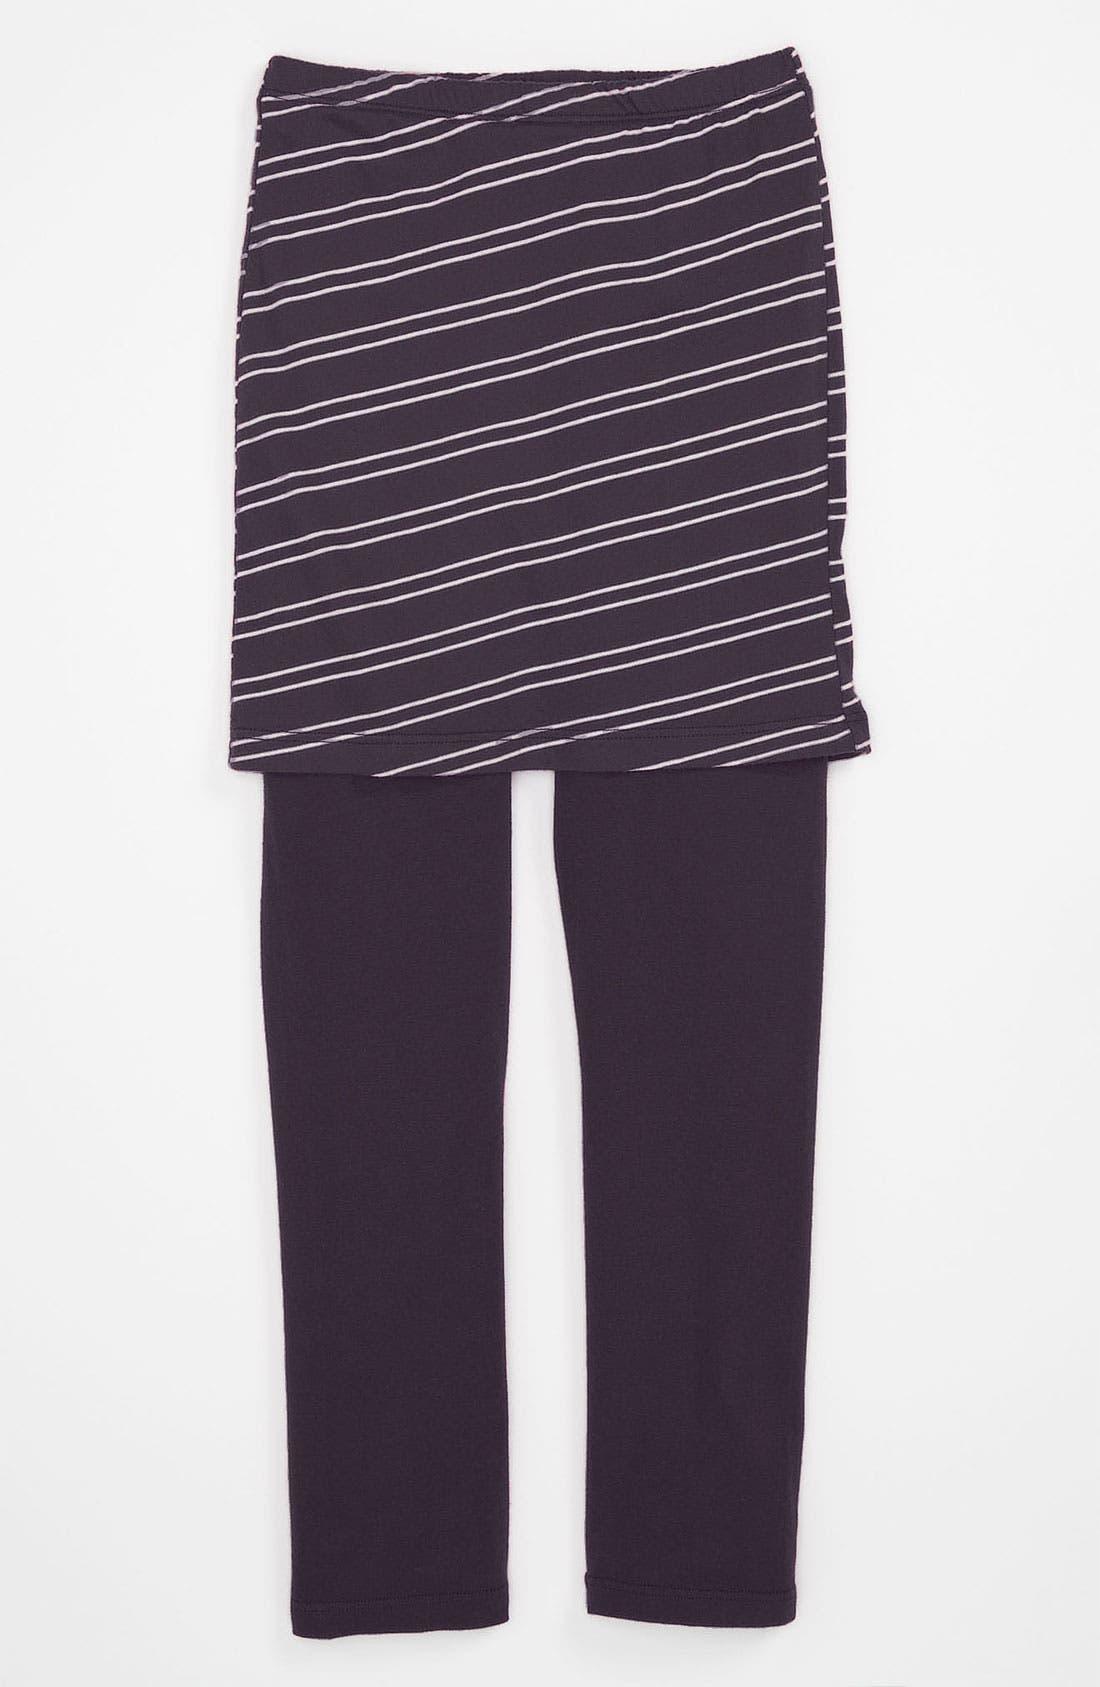 Alternate Image 1 Selected - Joah Love Stripe Skirt Leggings (Little Girls & Big Girls)